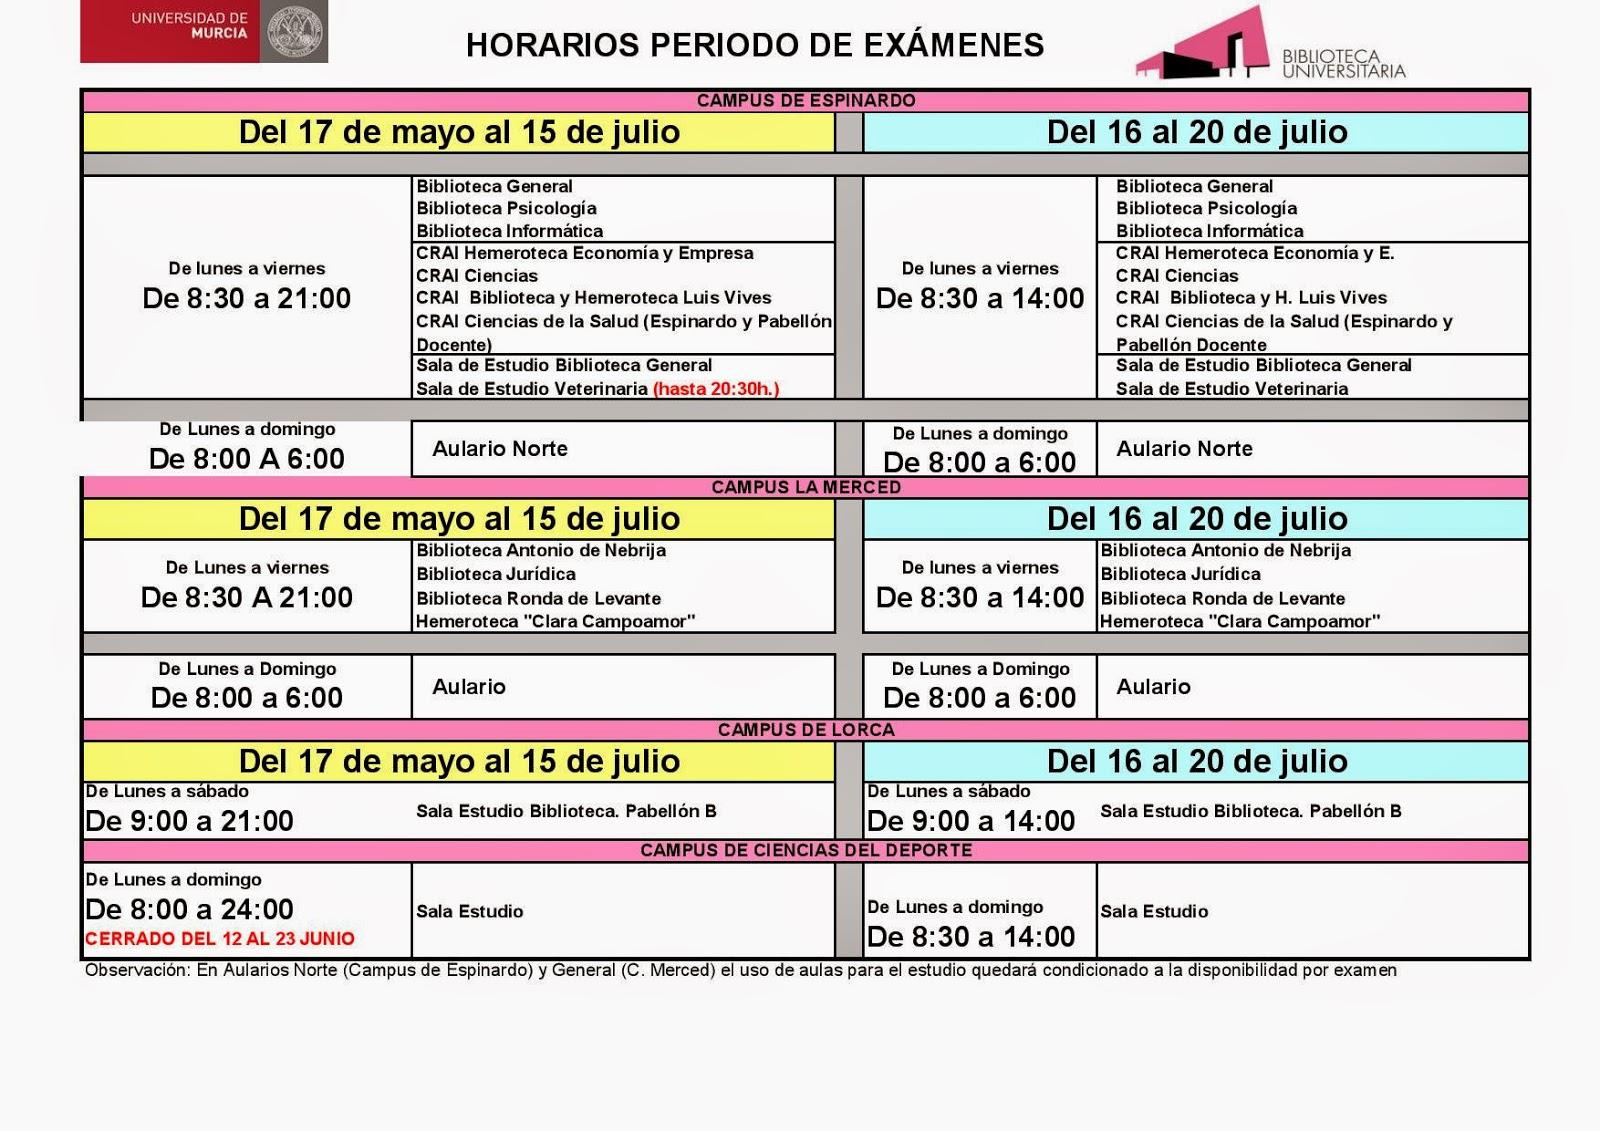 horarios de la Biblioteca Universitaria durante el periodo de exámenes.